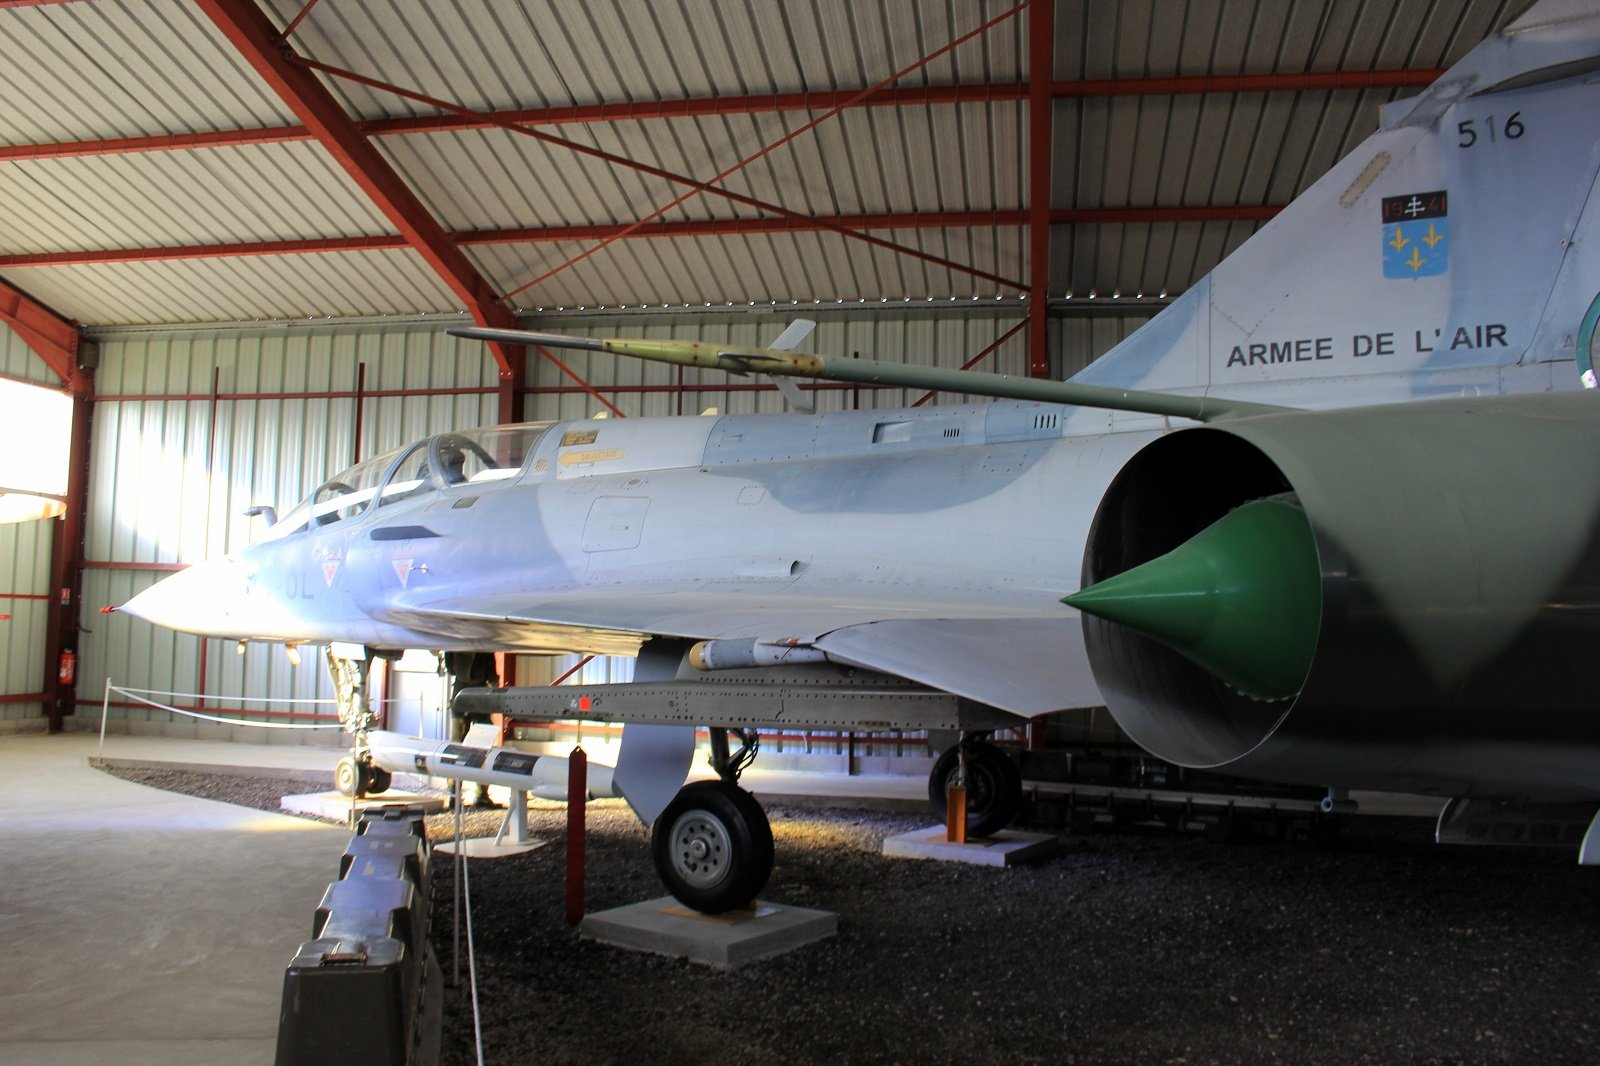 musée de l'aviation de chasse de Montelimar  - Page 2 191030072452689676